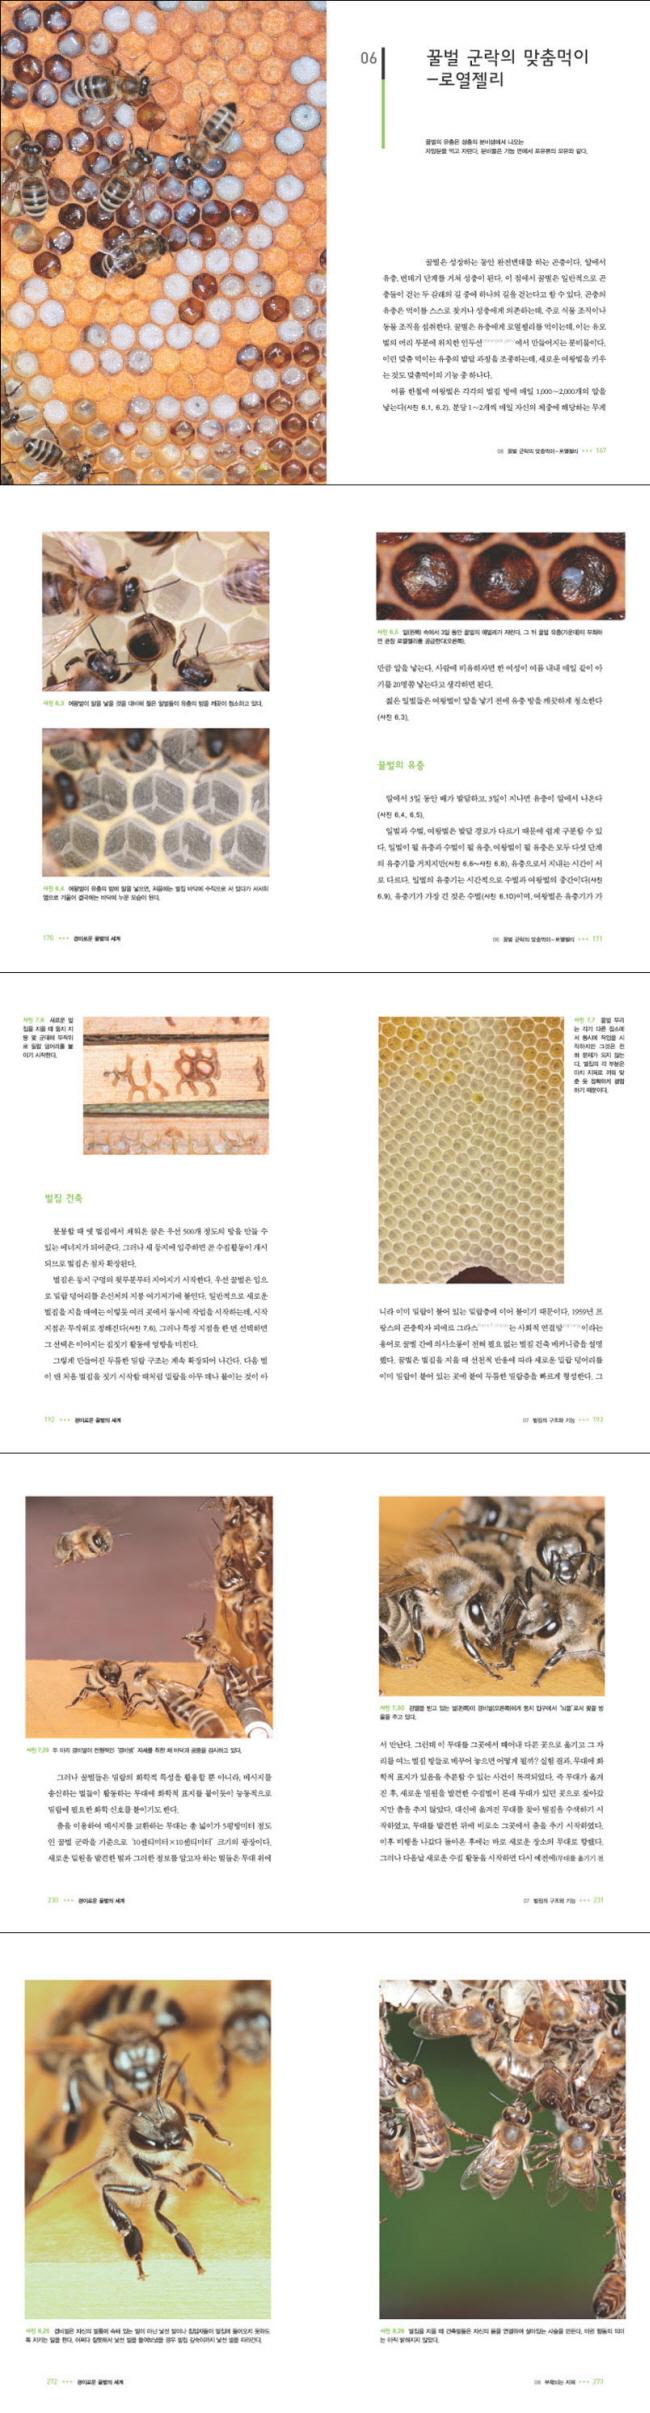 경이로운 꿀벌의 세계: 초개체 생태학(양장본 HardCover) 도서 상세이미지